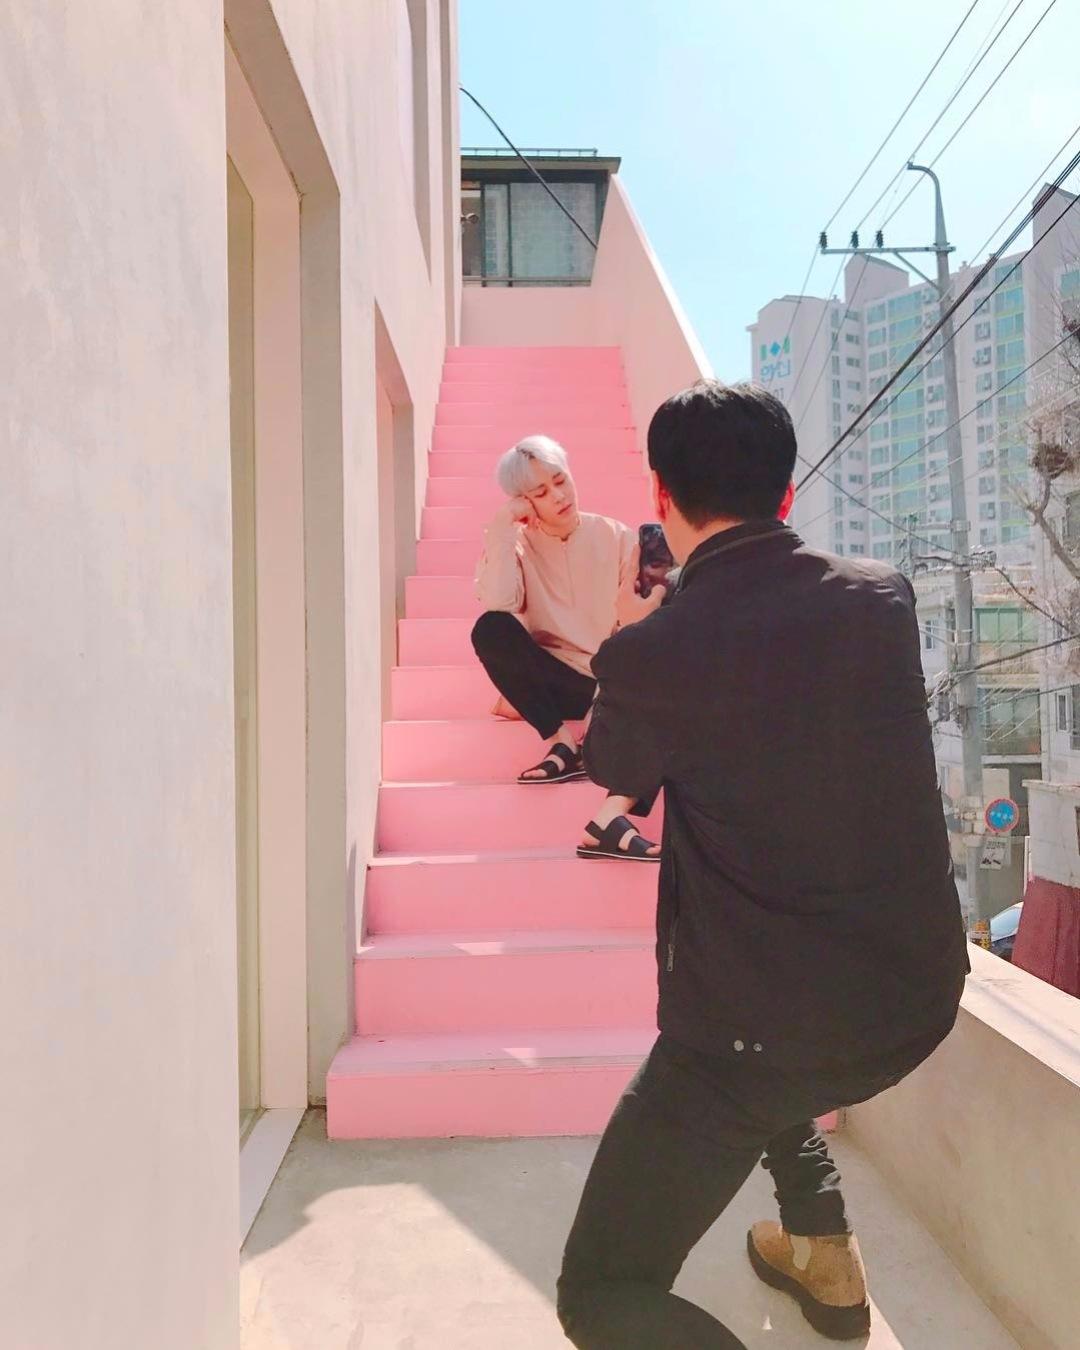 光是這個樓梯,就可以拍個十幾分鐘了吧